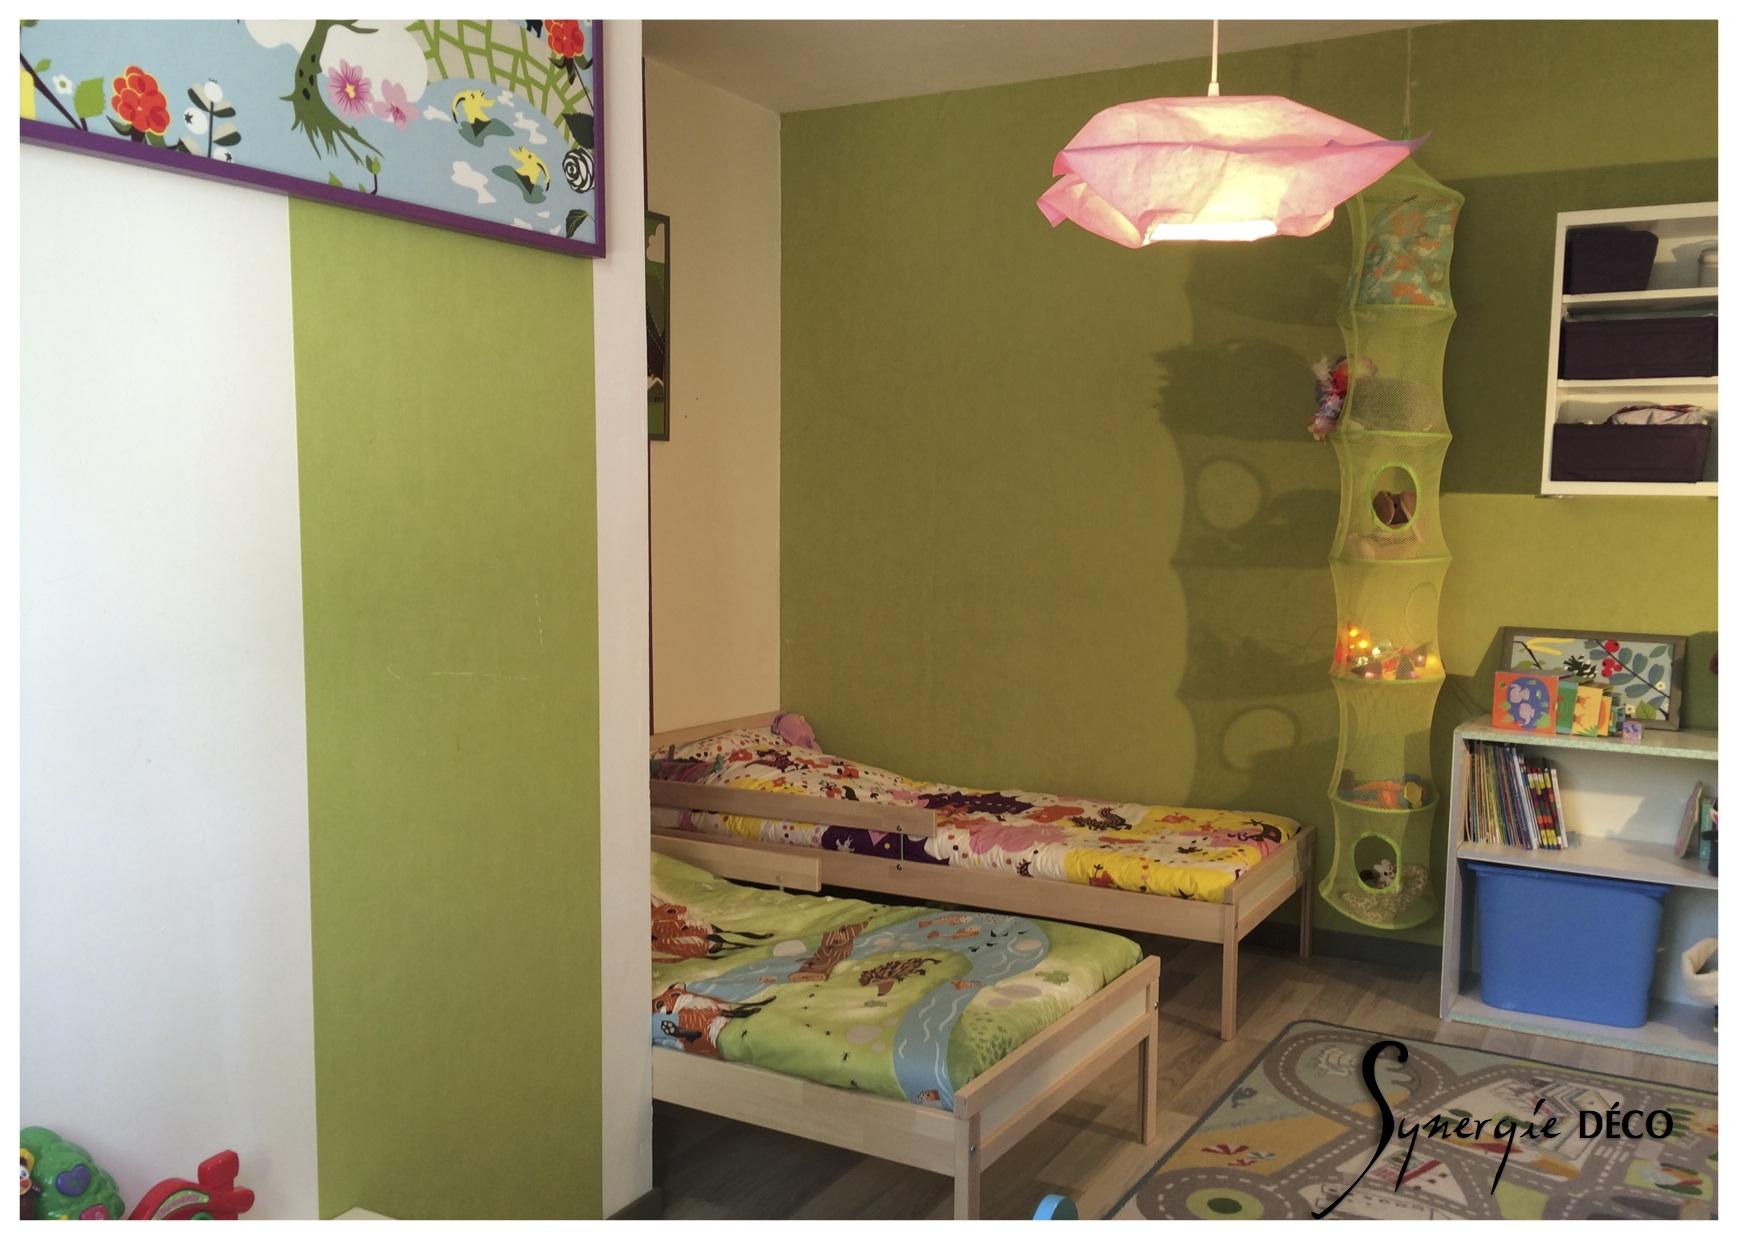 une chambre d 39 enfants mixte vitamin e synergie d co. Black Bedroom Furniture Sets. Home Design Ideas